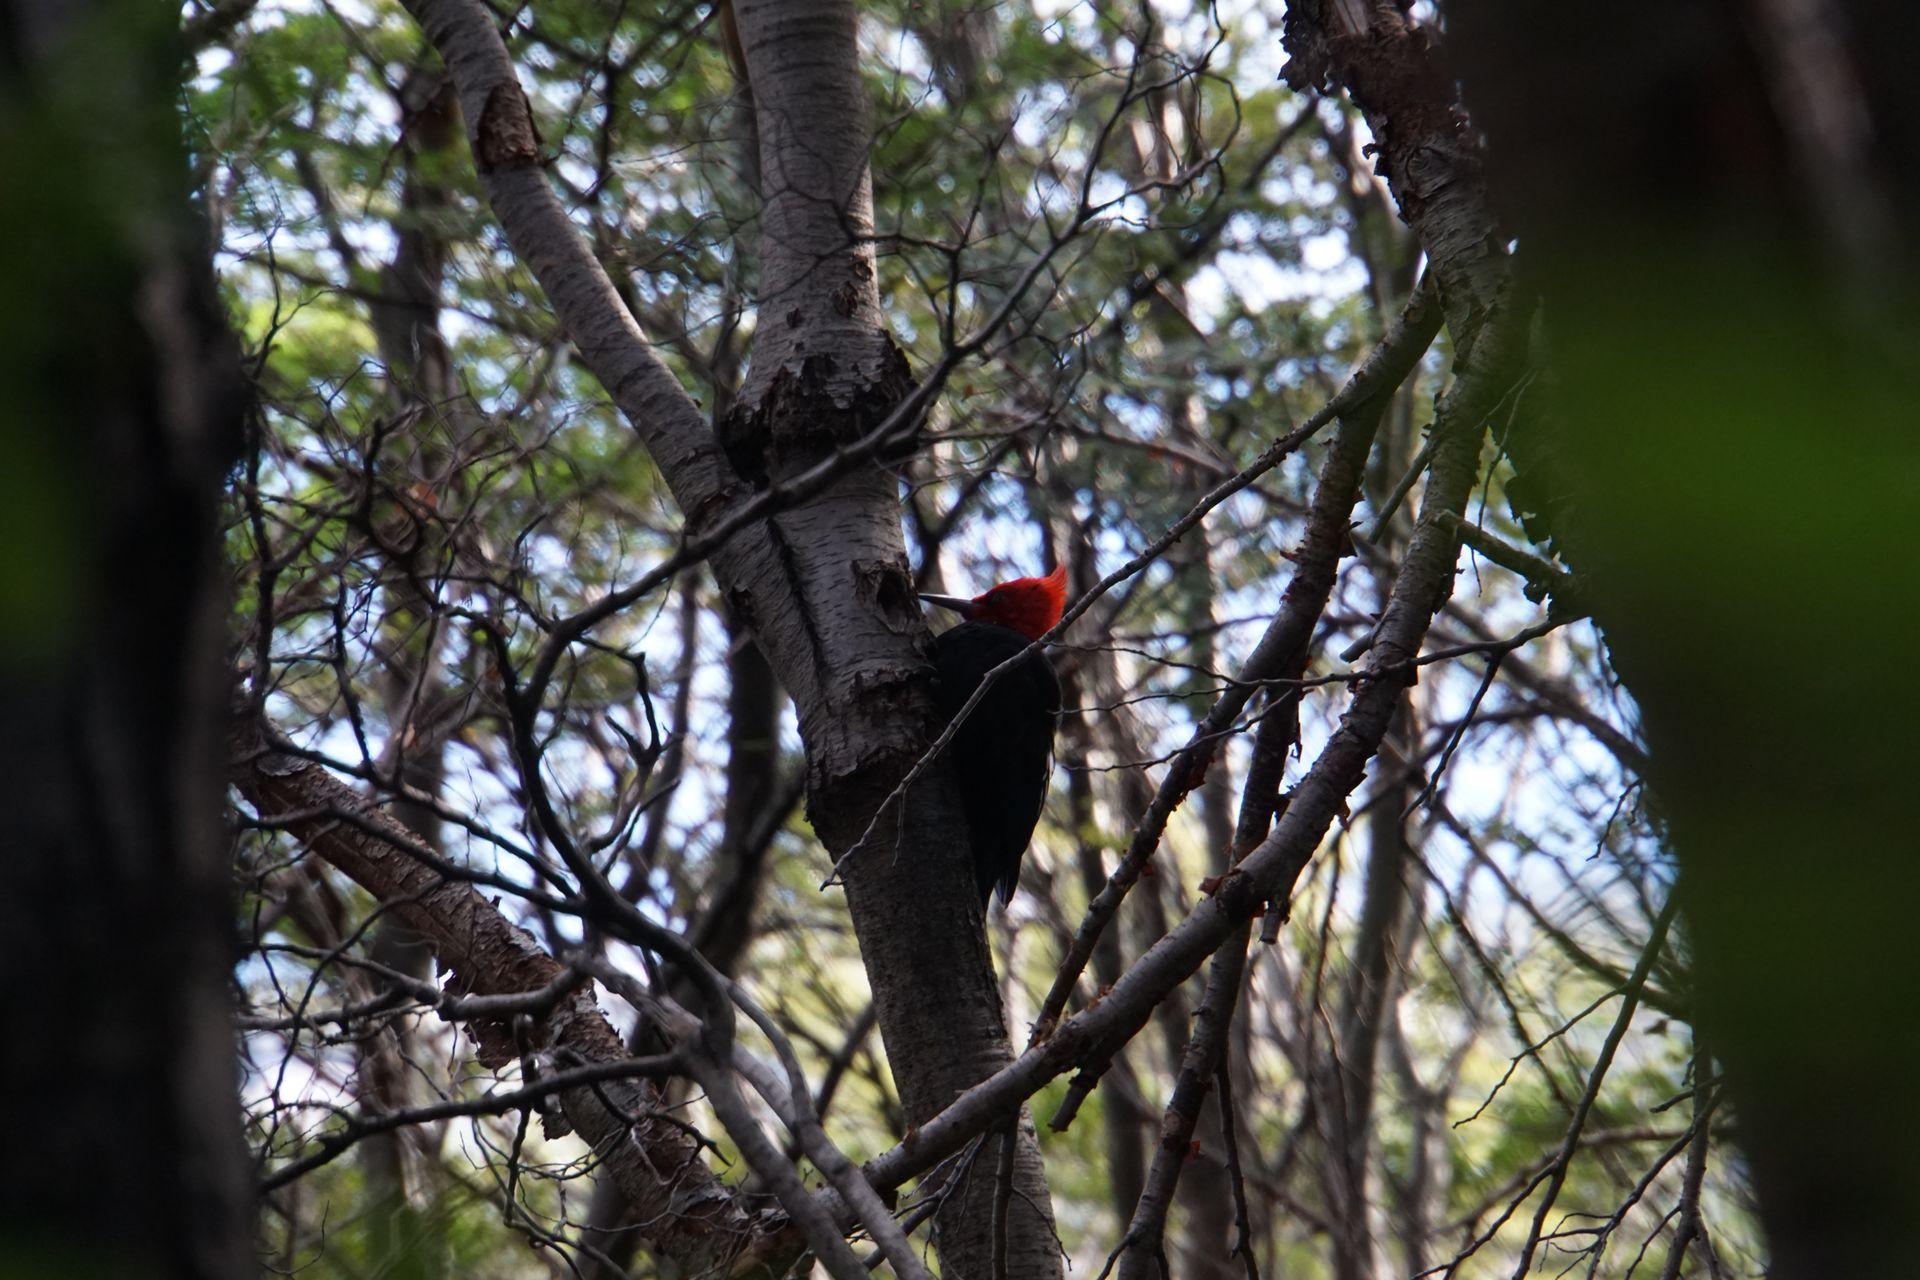 Ein Magellanspecht - am roten Kopf erkennt man das Männchen